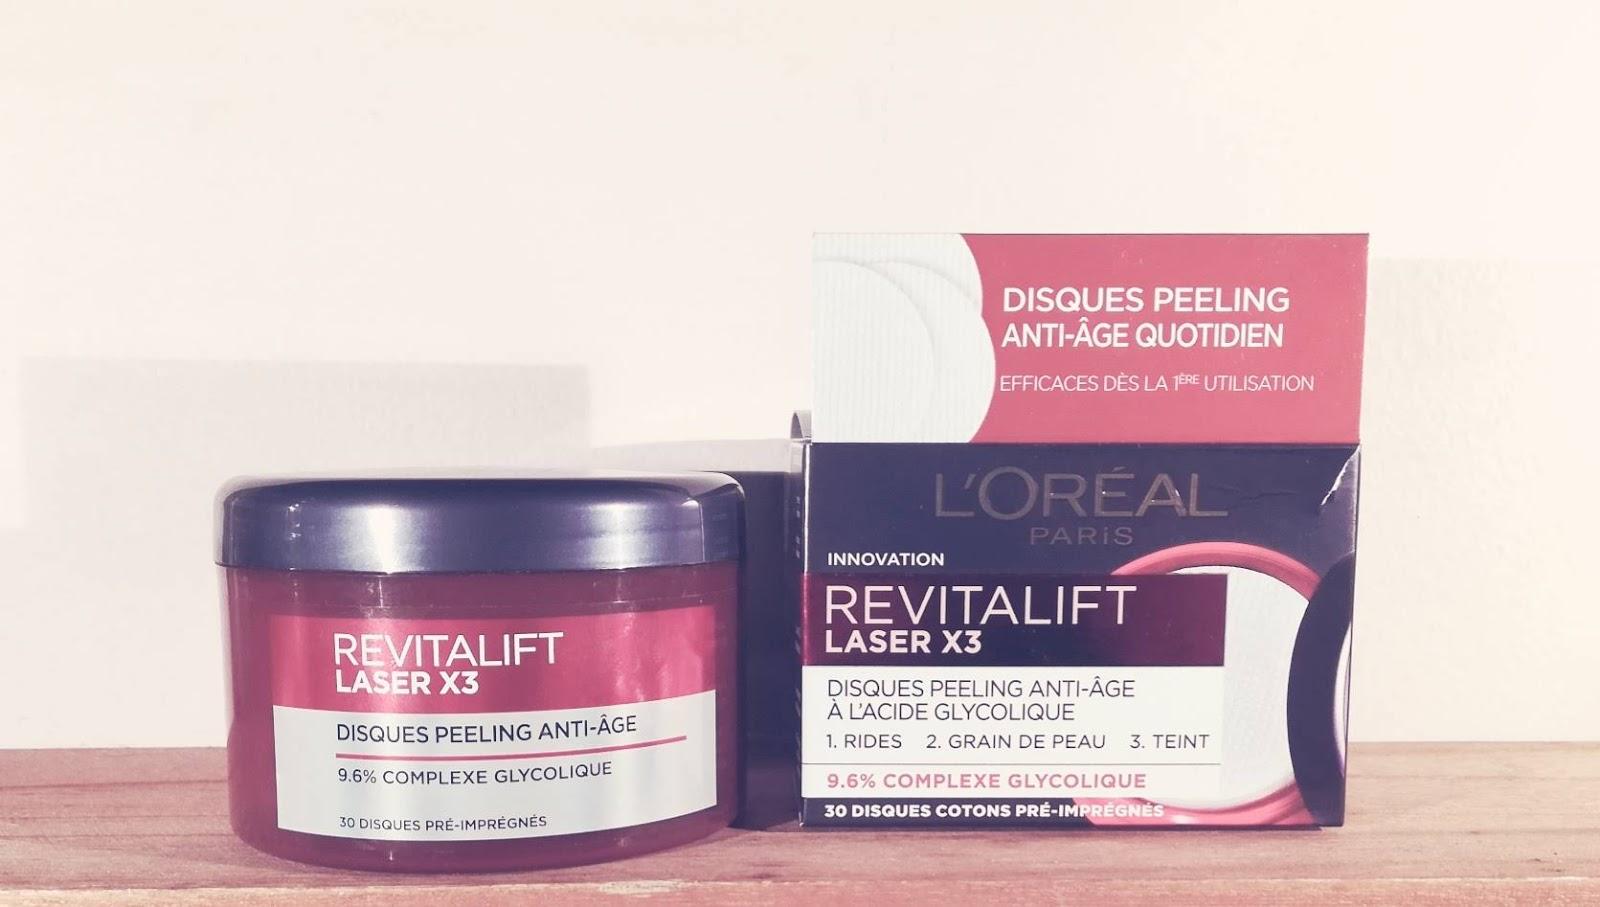 Revitalift Laser x3, les disques peeling anti-âge à l'acide glycolique de L'Oréal Paris